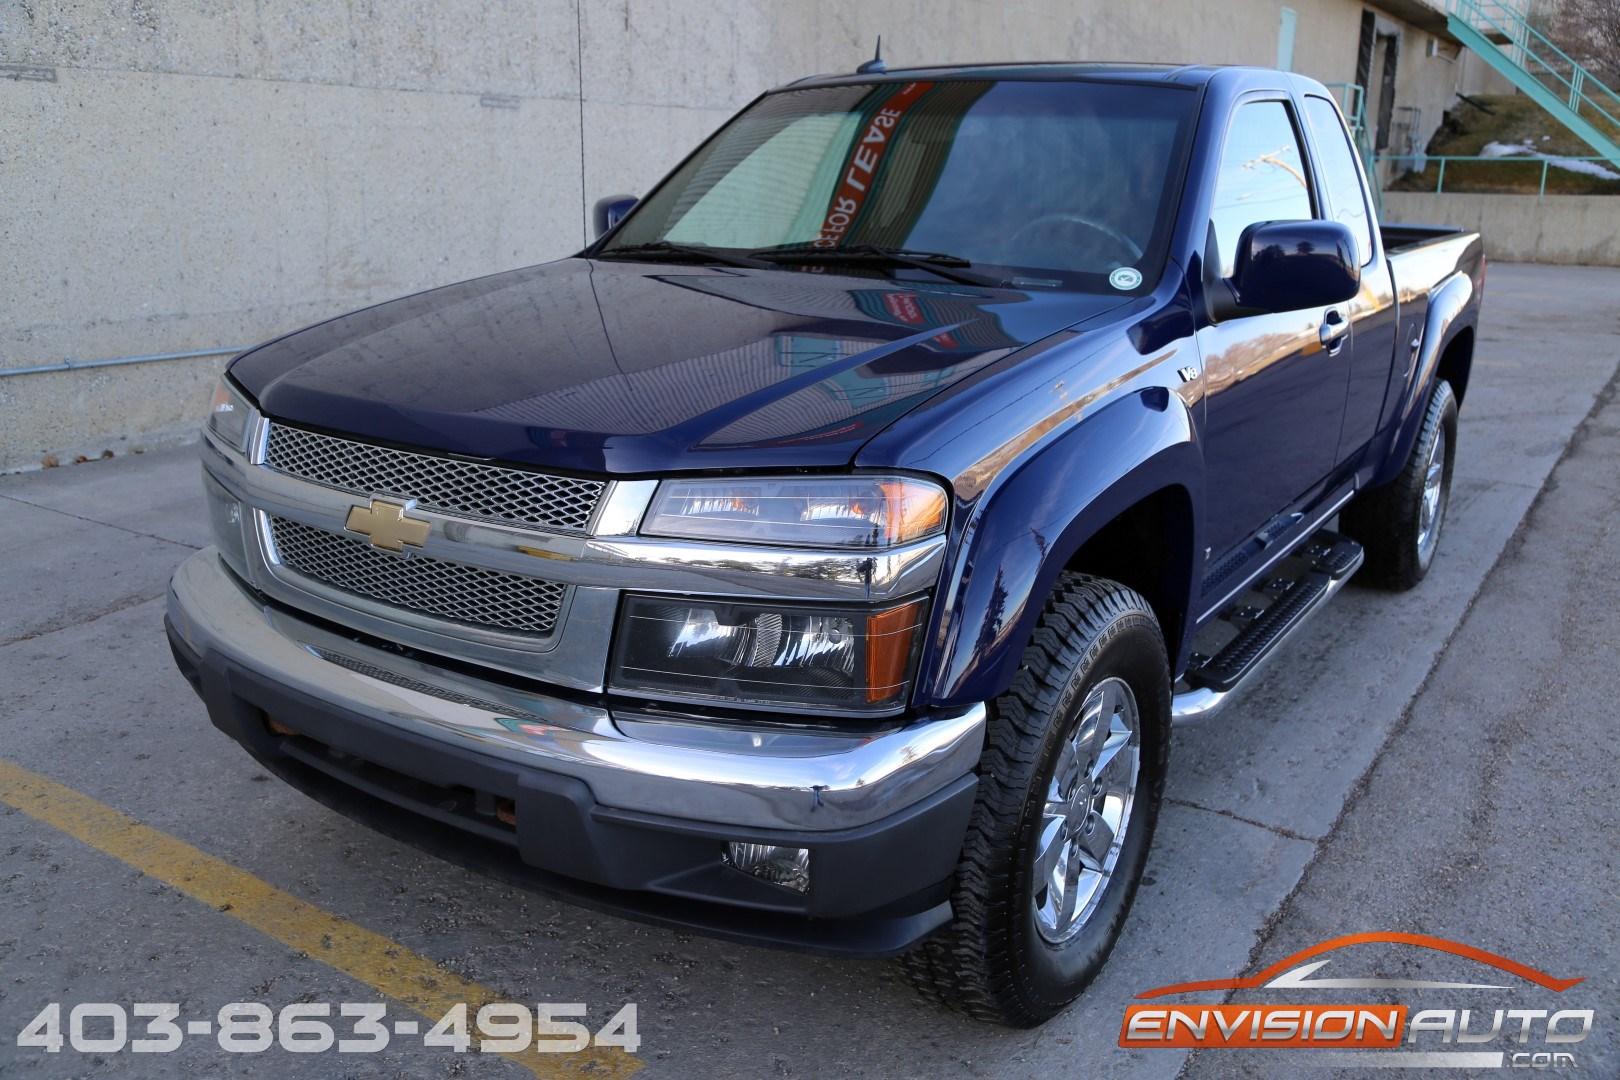 2009 Chevrolet Colorado Lt 4 215 4 Z71 5 3l V8 Envision Auto